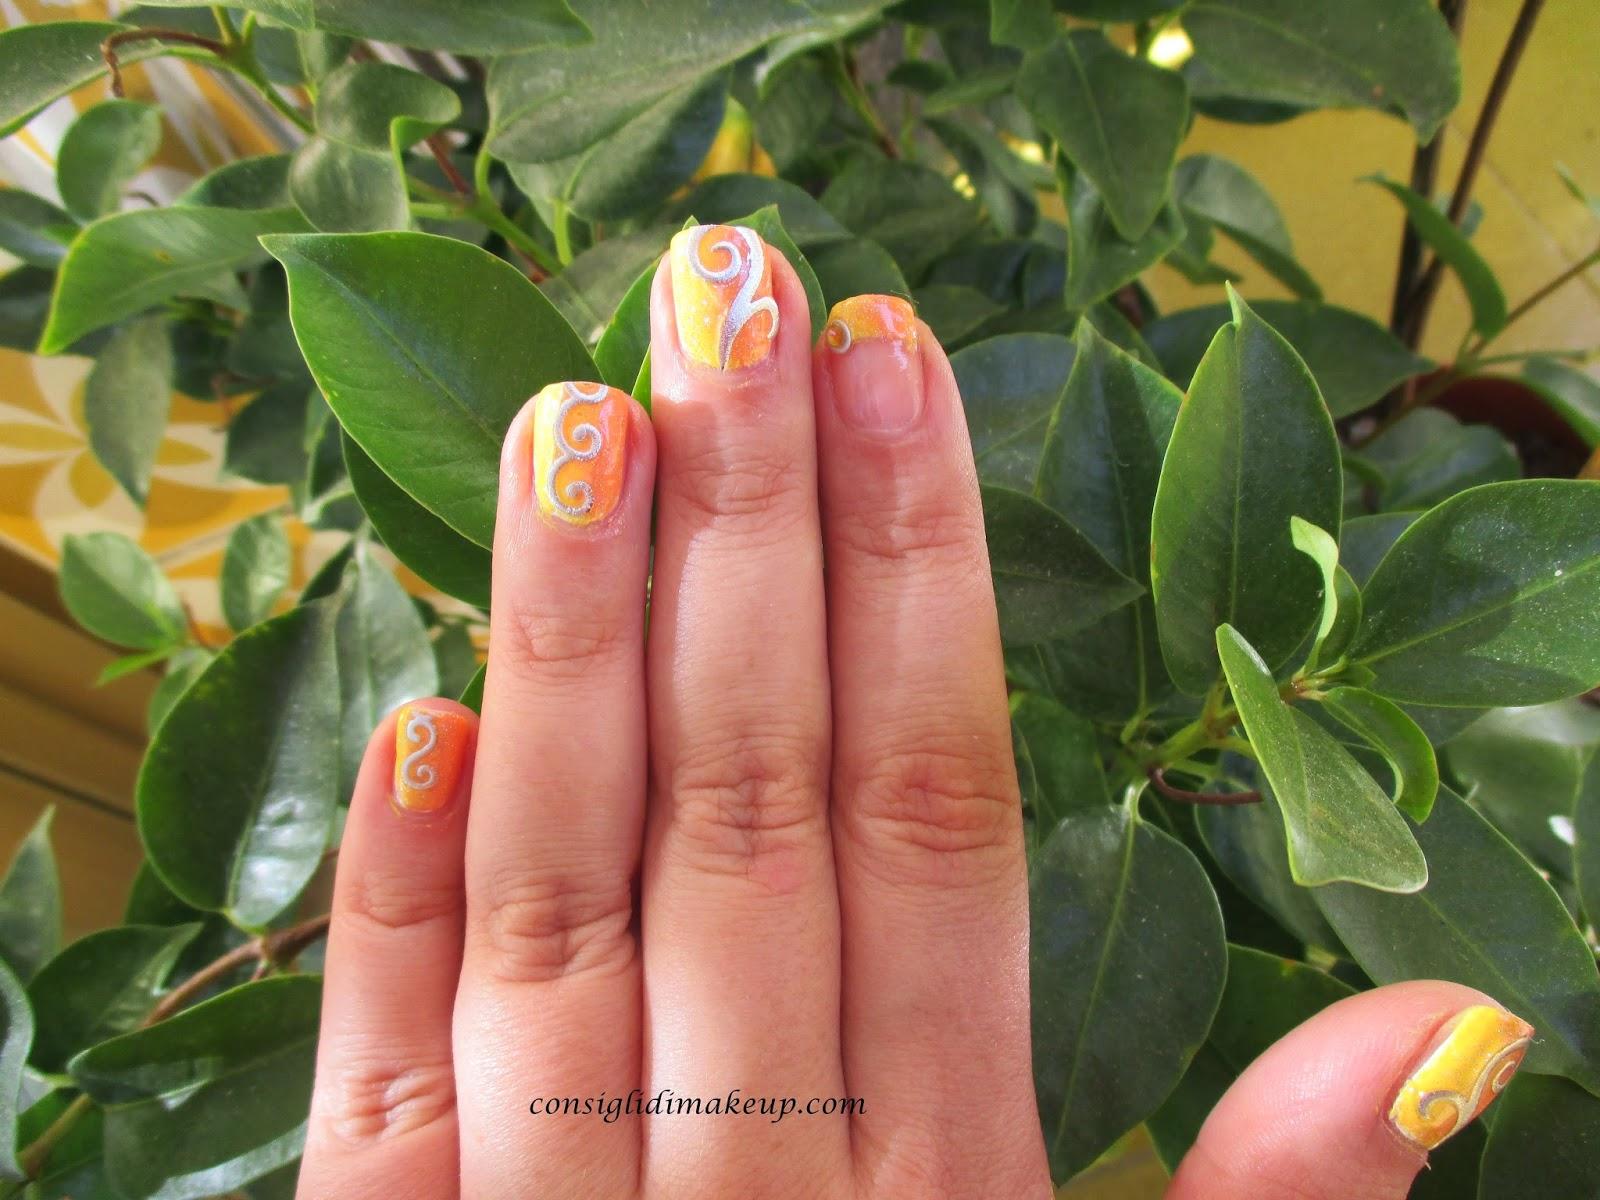 Nail art: shade shade shade